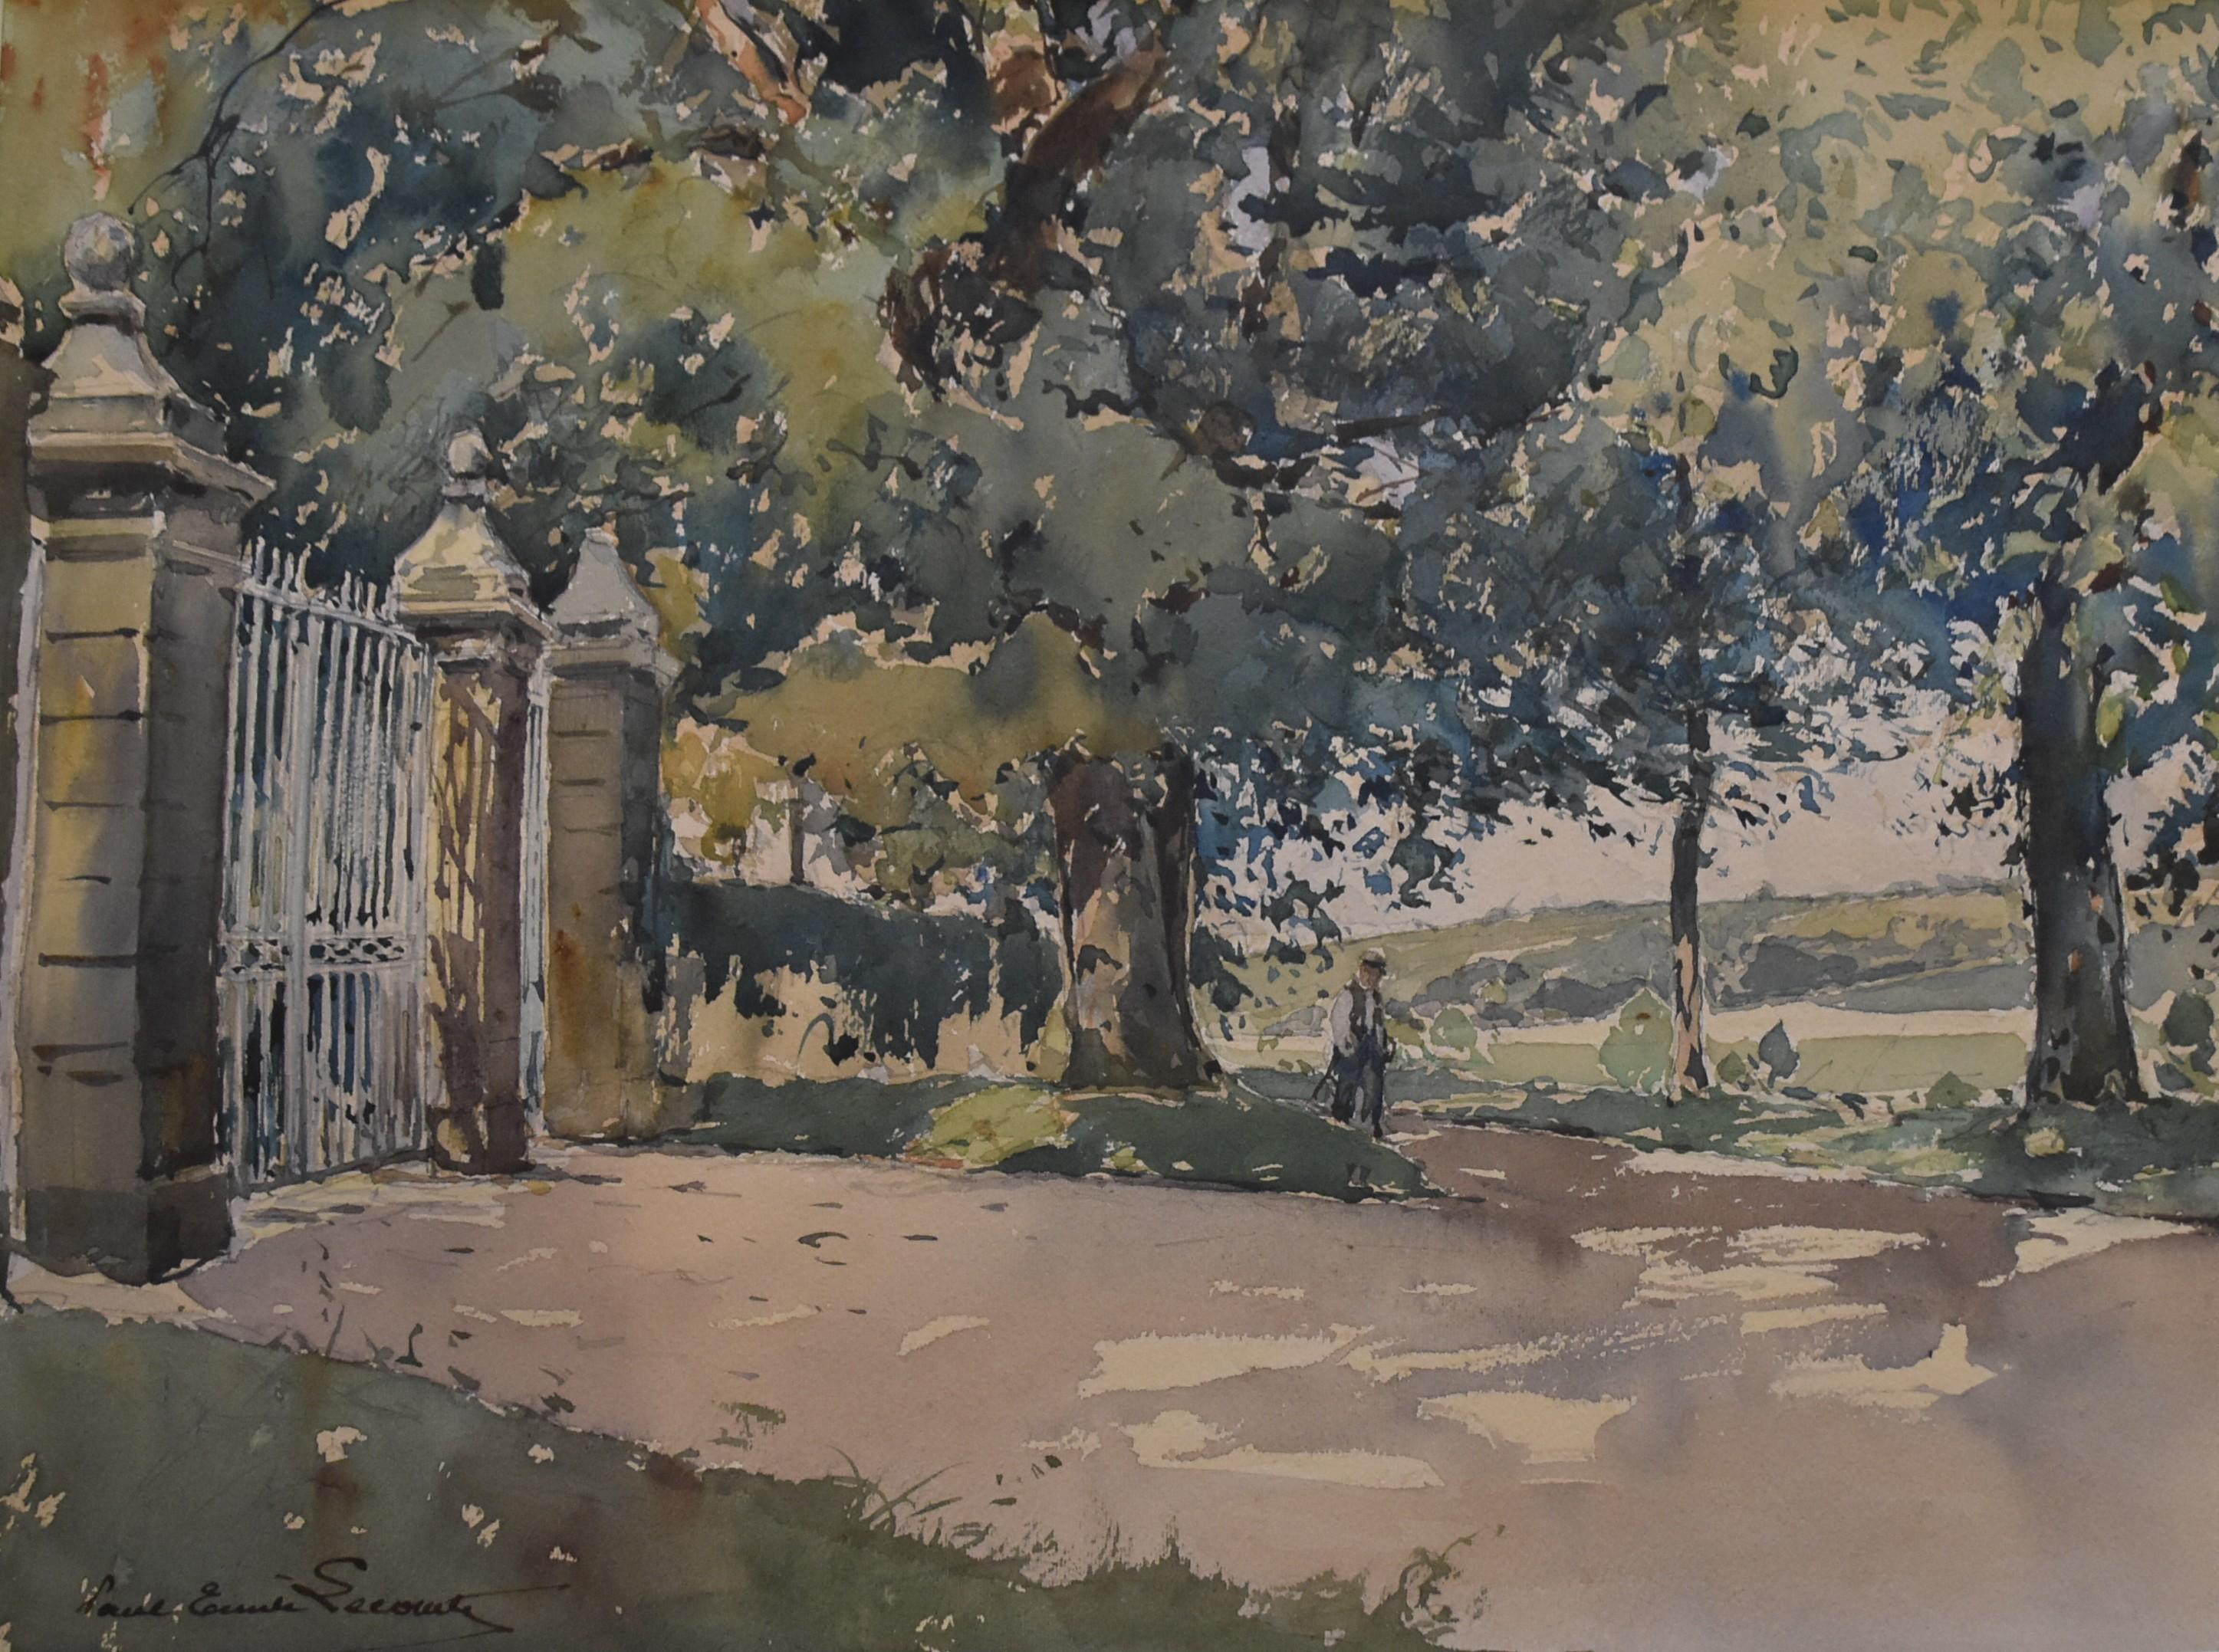 Paul Emile Lecomte (1877-1950)  La Grille (The Gate), signed watercolor